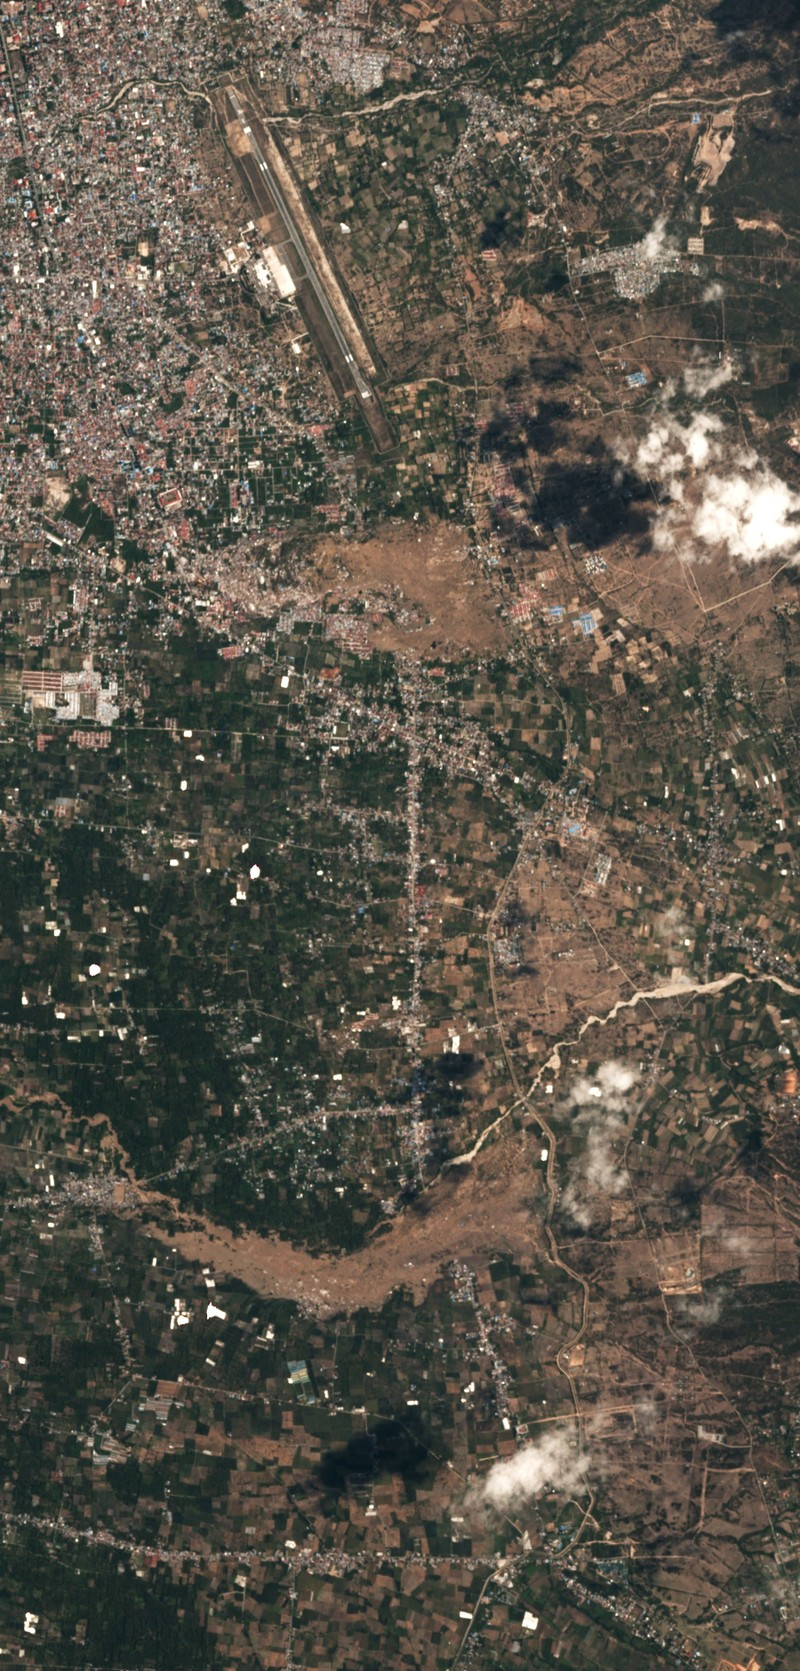 Chùm ảnh vệ tinh chụp Palu trước và sau động đất, sóng thần - ảnh 9